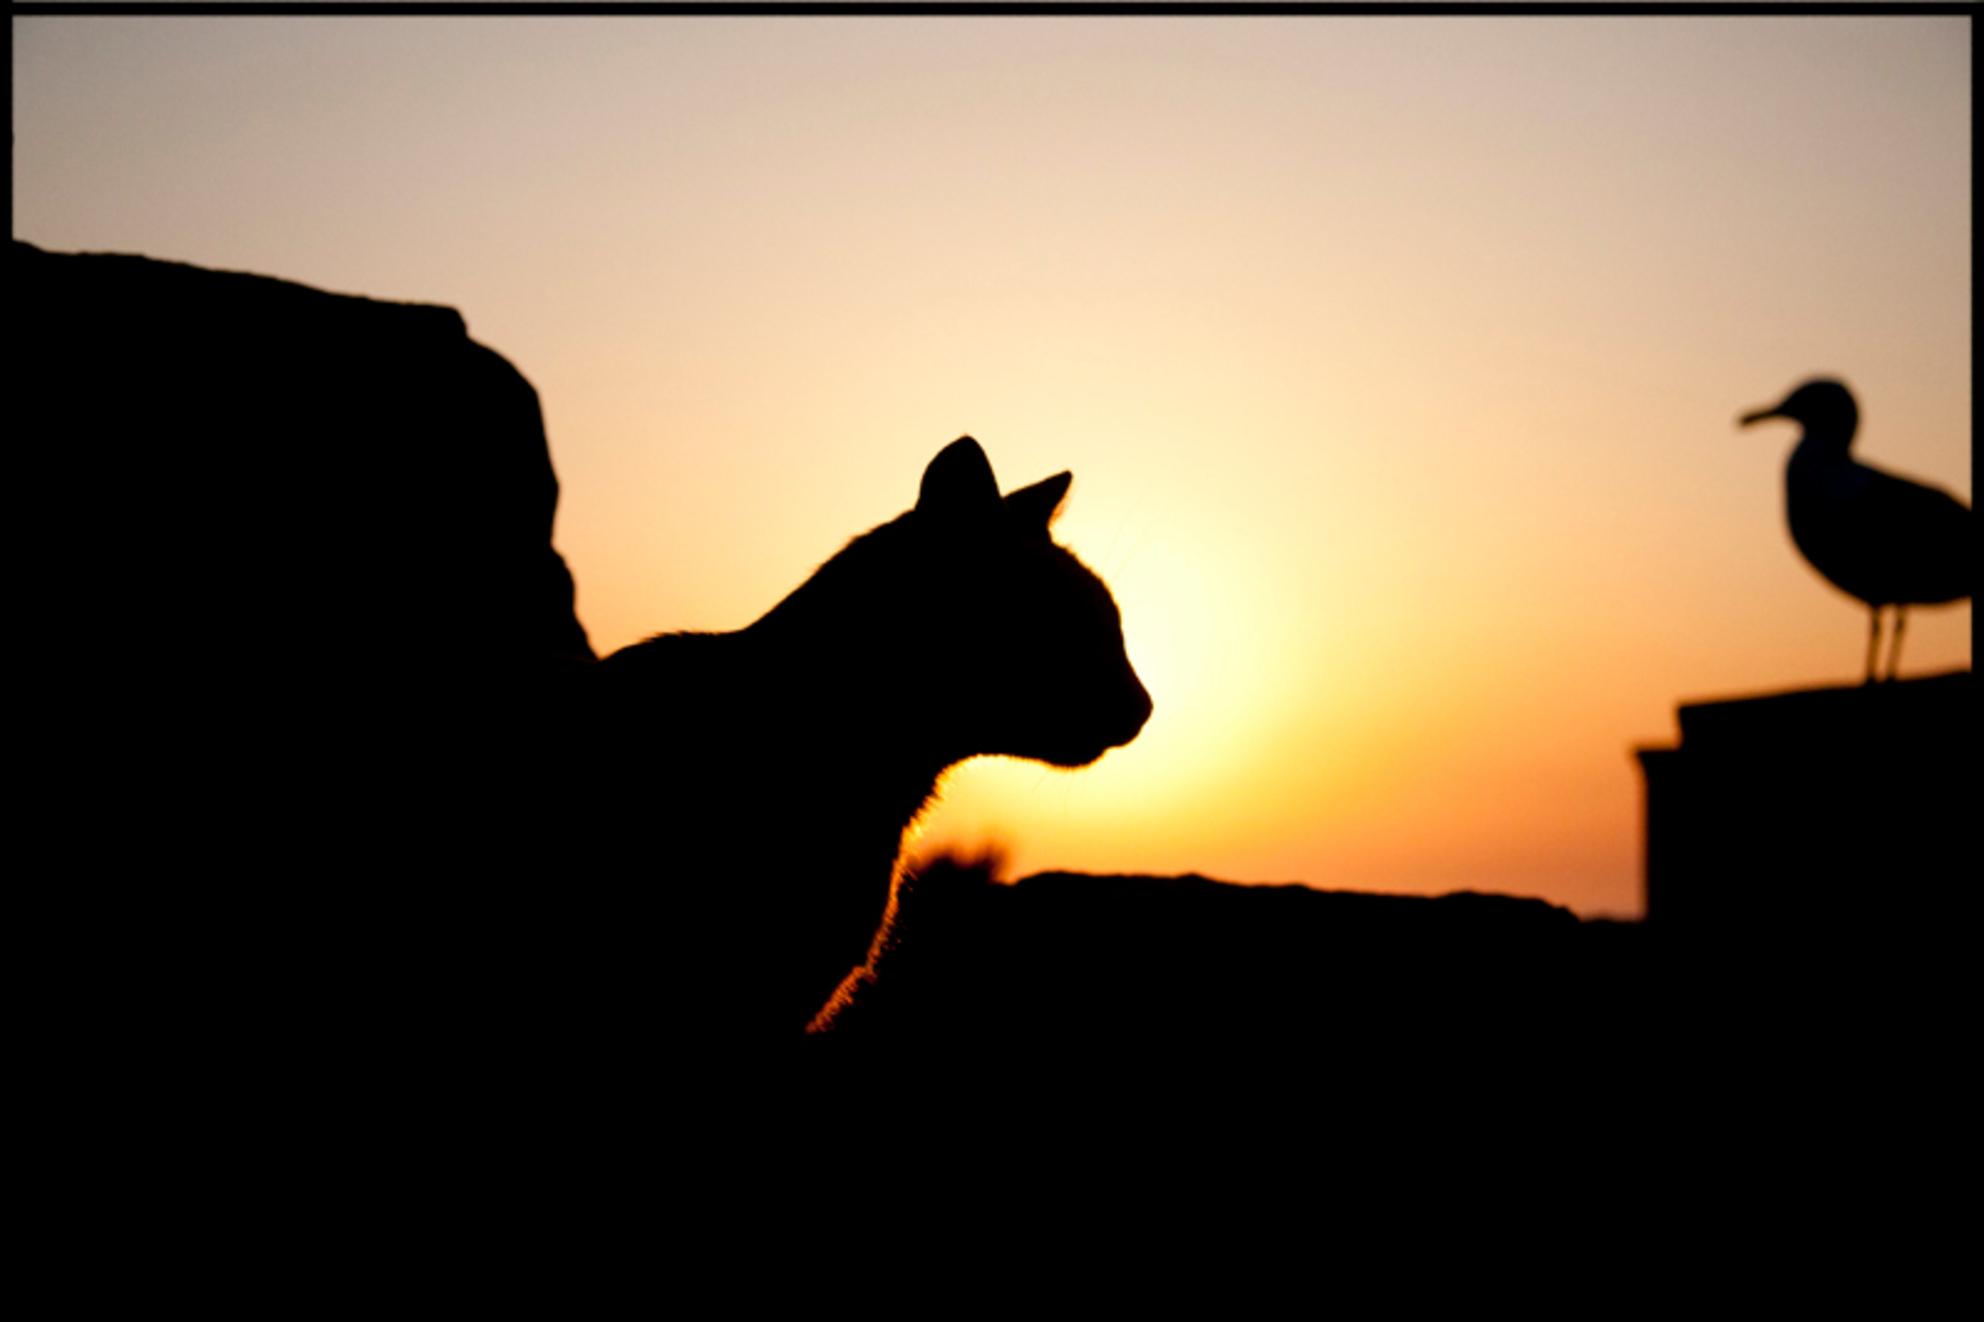 Sunset #1 - Geschoten in Mallorca op kaap formentor - foto door nobelen-design op 03-08-2011 - deze foto bevat: zon, zonsondergang, zeemeeuw, kat - Deze foto mag gebruikt worden in een Zoom.nl publicatie